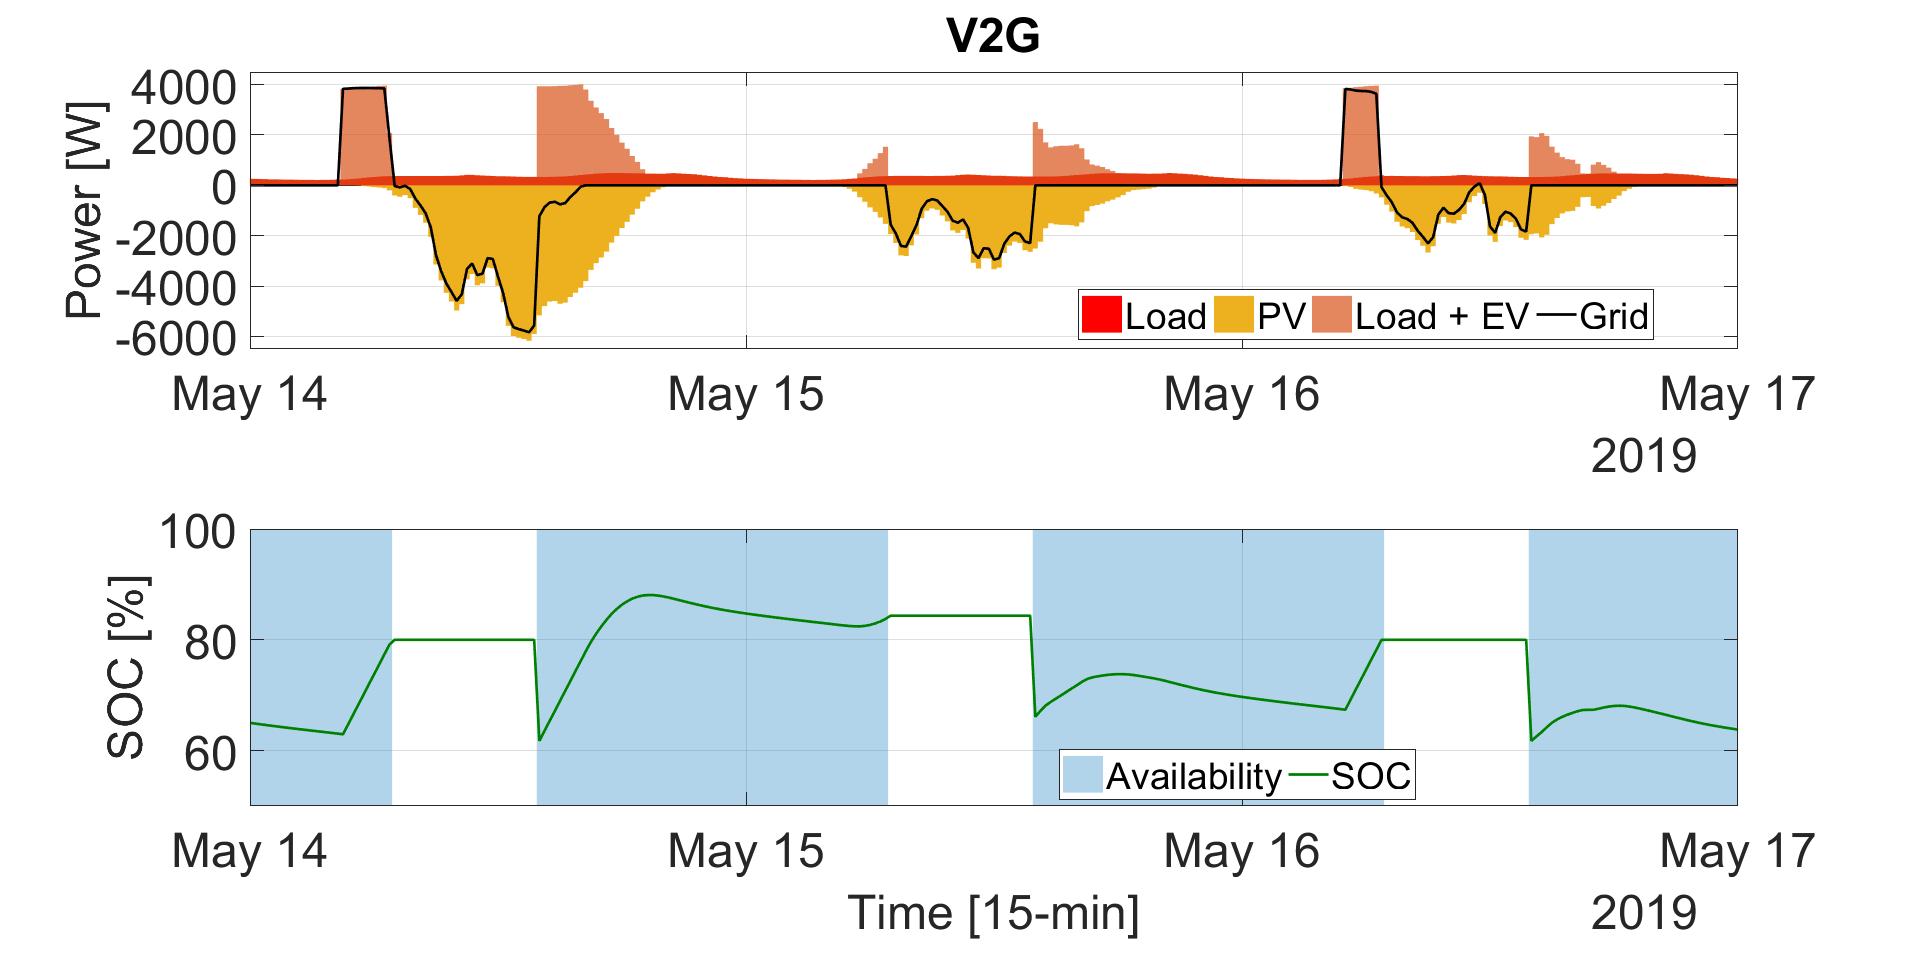 V2G_vb2.png